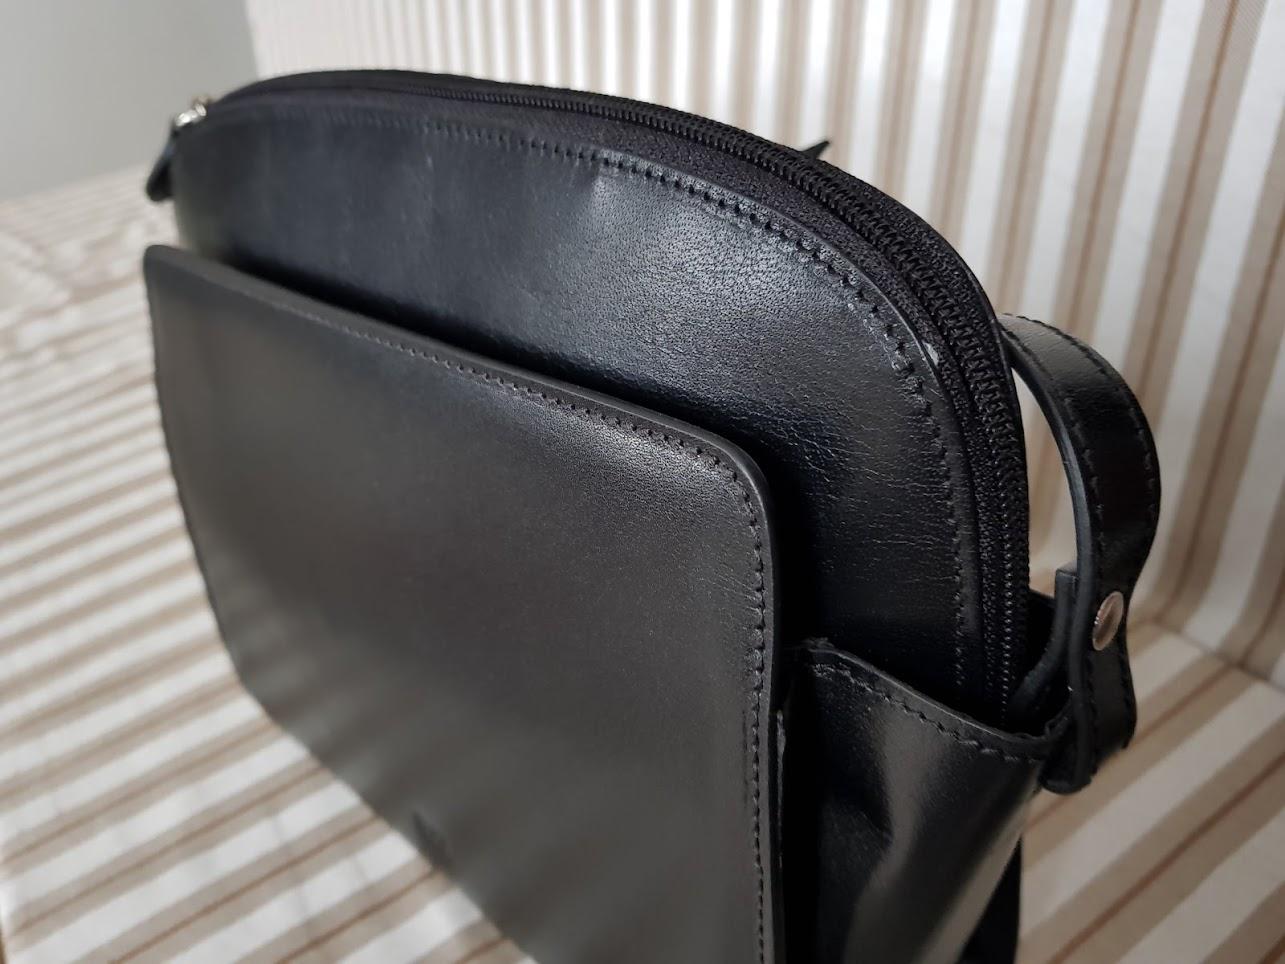 076759a19776 Monarchy klasszikus női táska – Bőrdivatház – Szekszárd